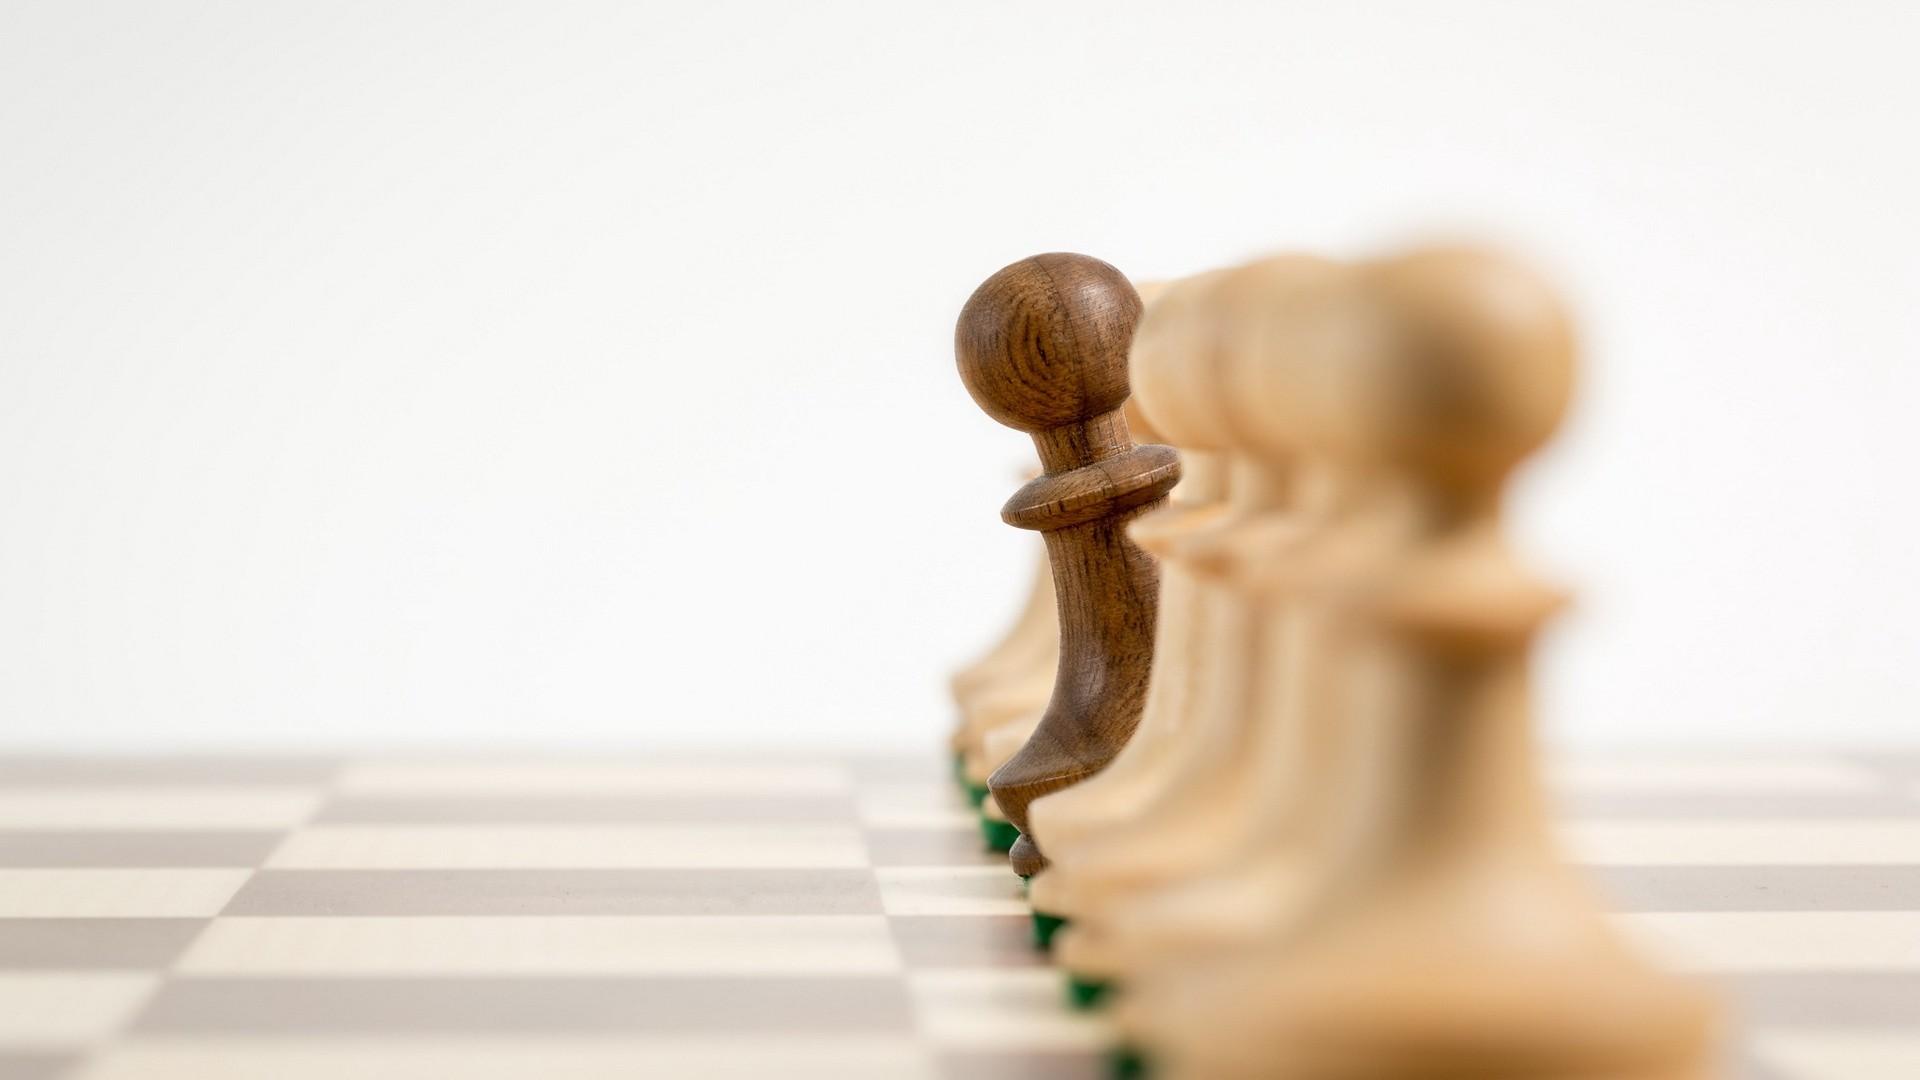 Chess Wallpaper 23574 1920x1080 Px HDWallSource